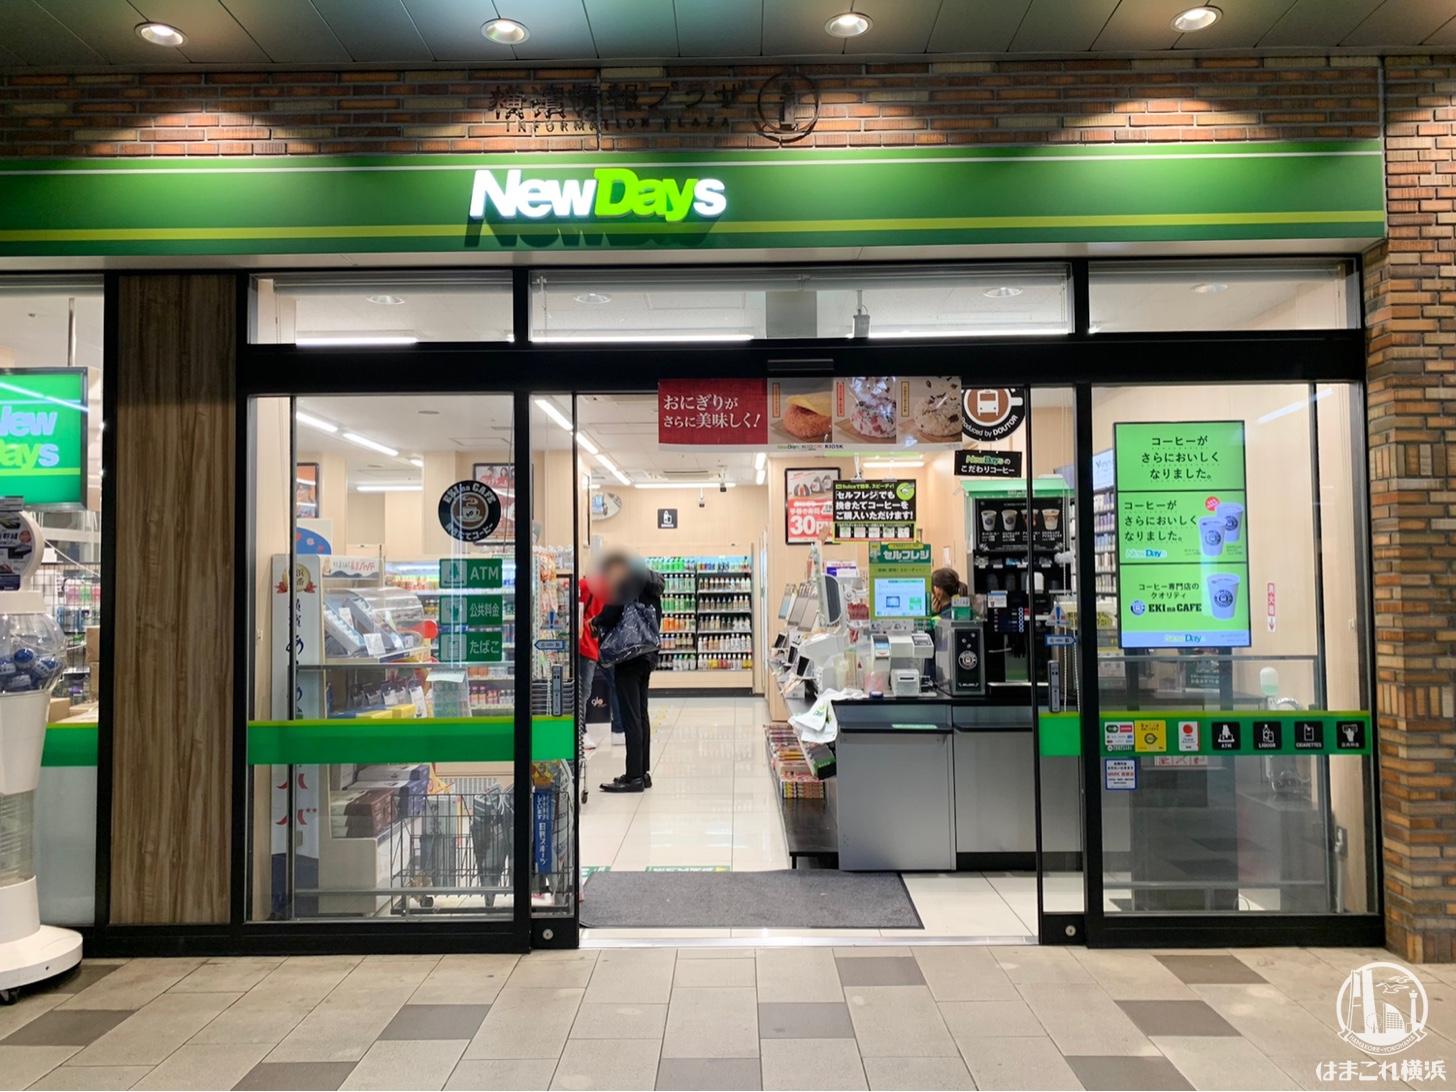 桜木町駅「NewDays」